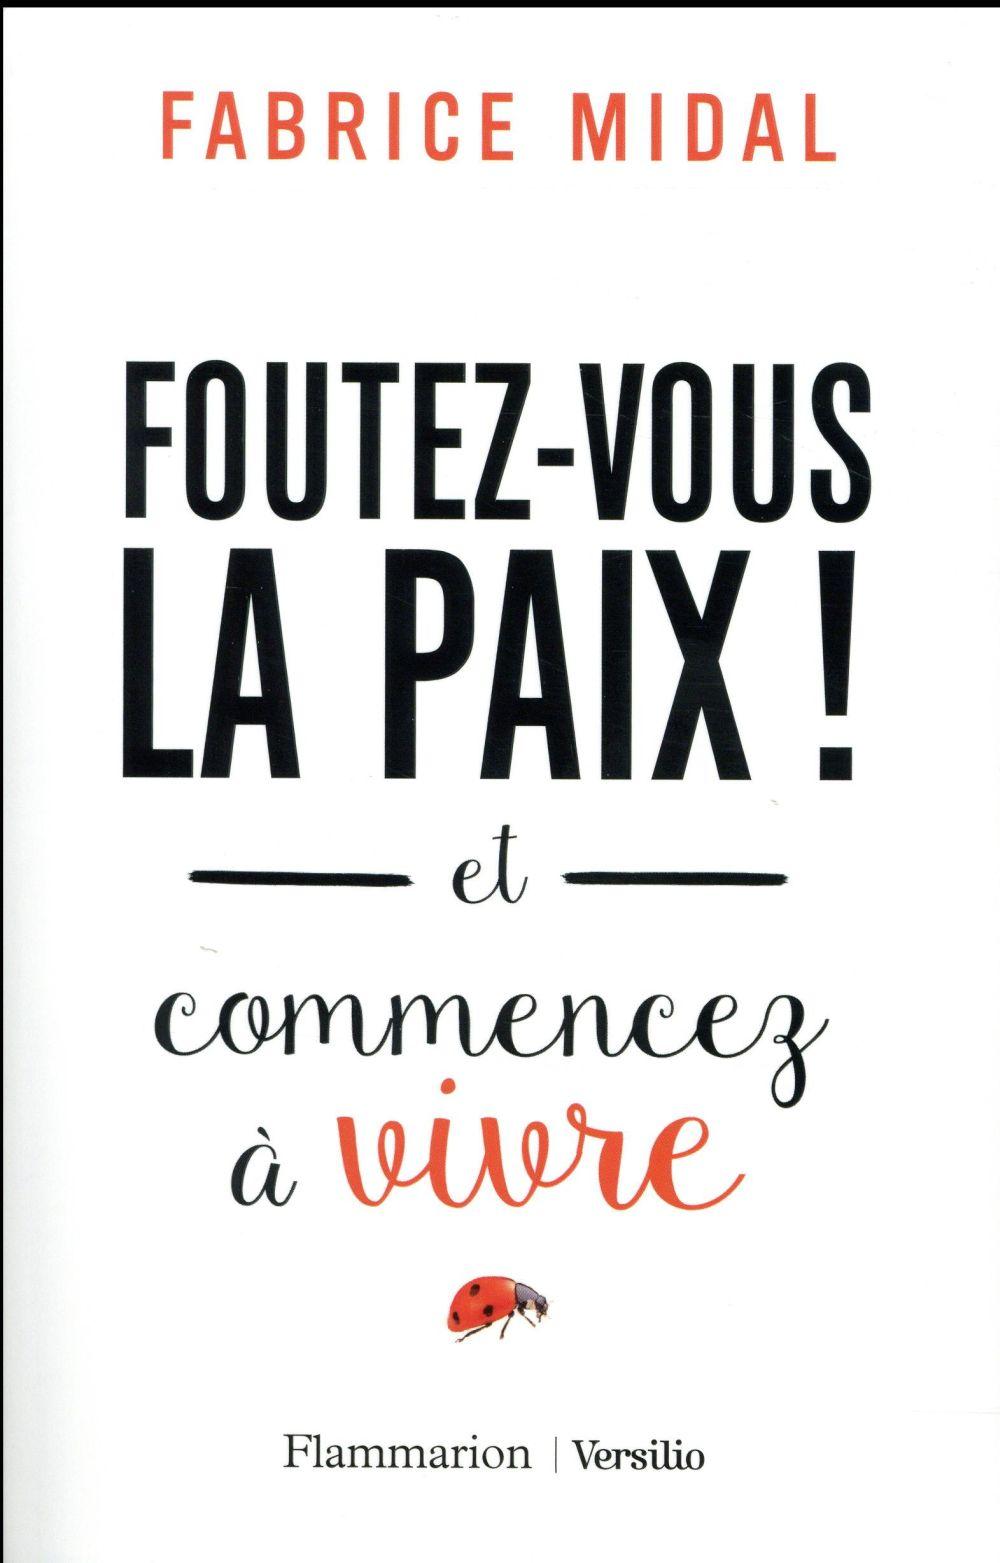 FOUTEZ-VOUS LA PAIX!